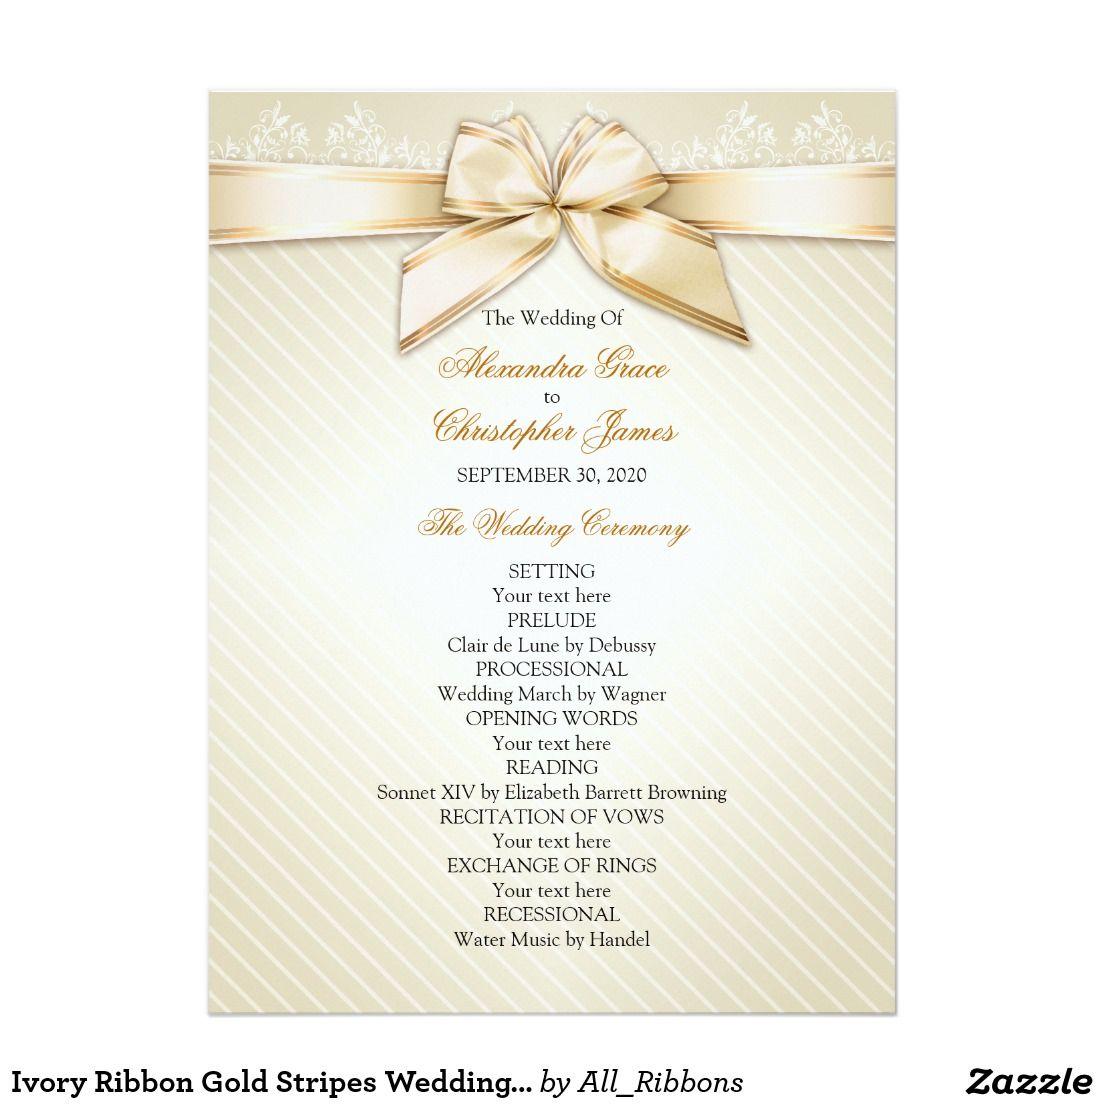 Ivory Ribbon Gold Stripes Wedding